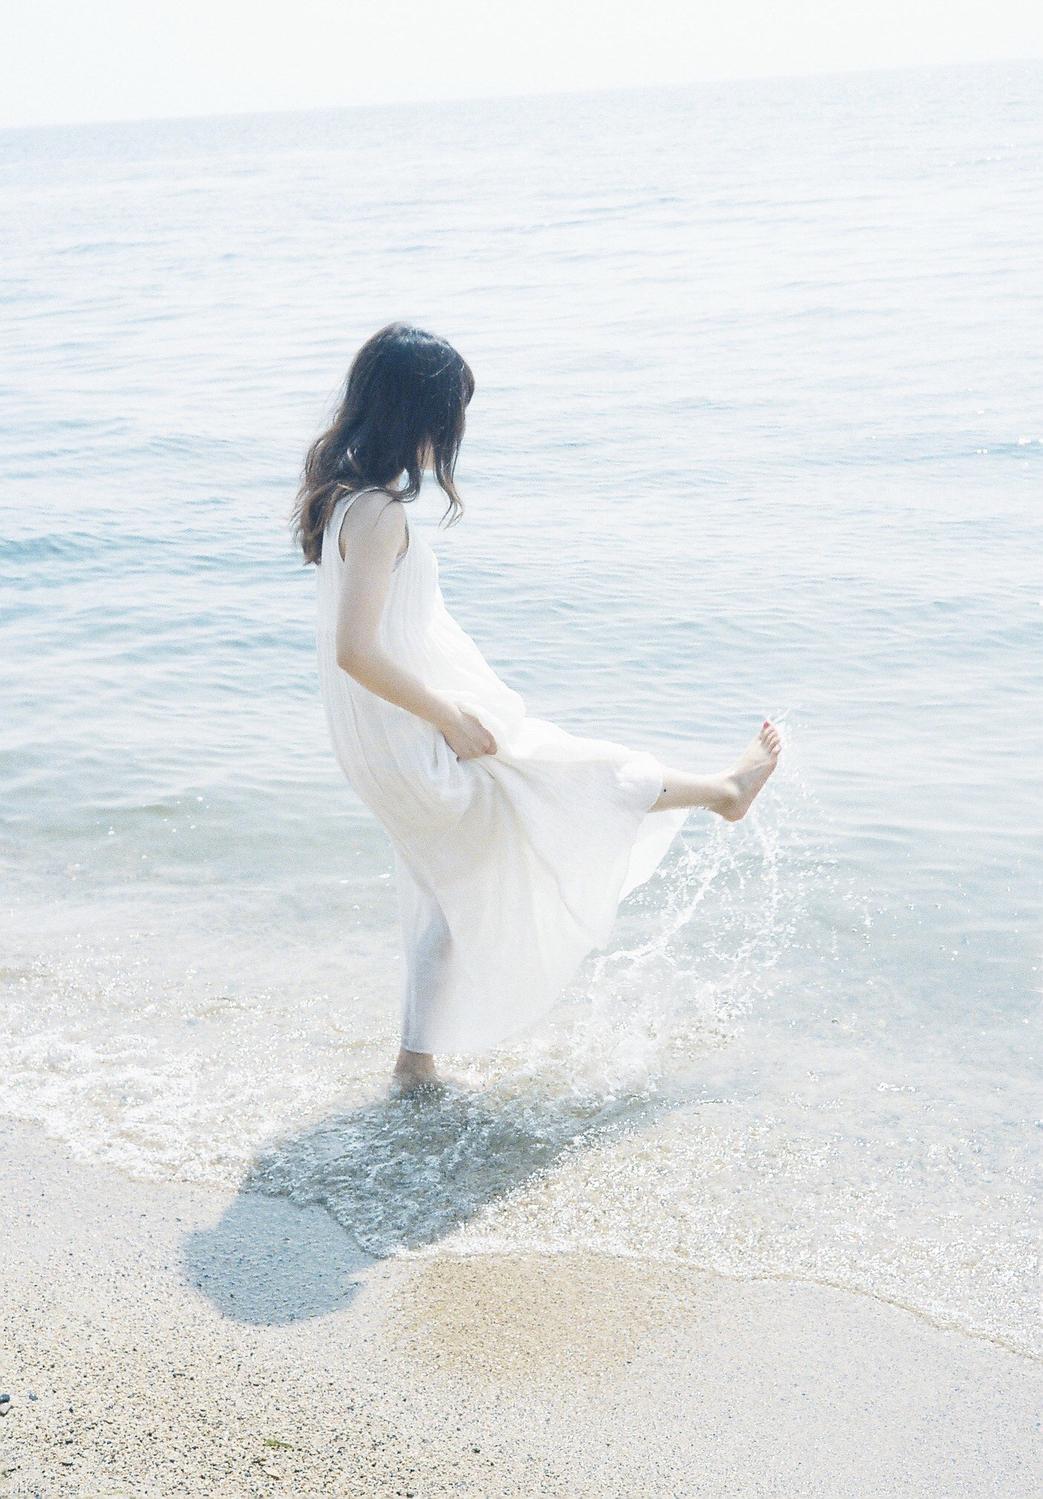 海の中で遊ぶ女性